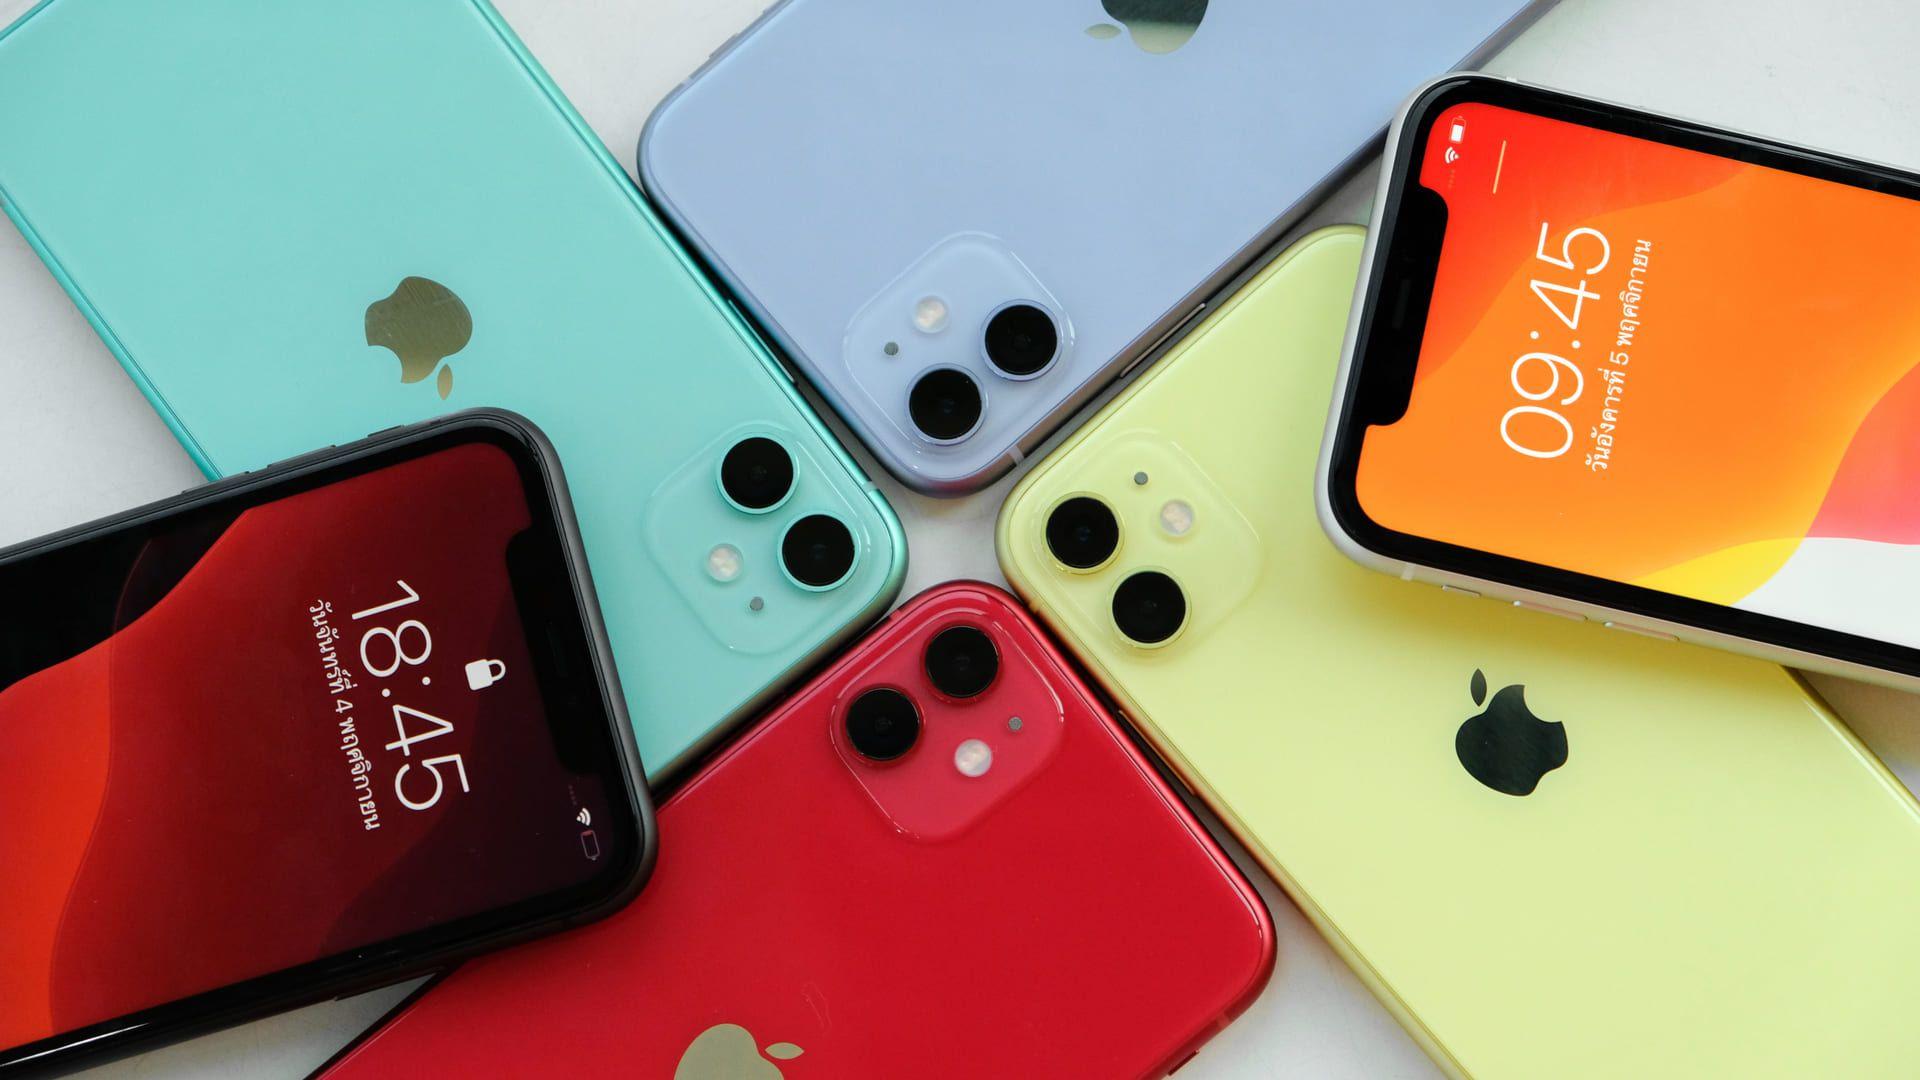 Apple possui celulares bonitos e com bom desempenho e está sempre entre as melhores marcas de celular (Foto: Framesira / Shutterstock.com)